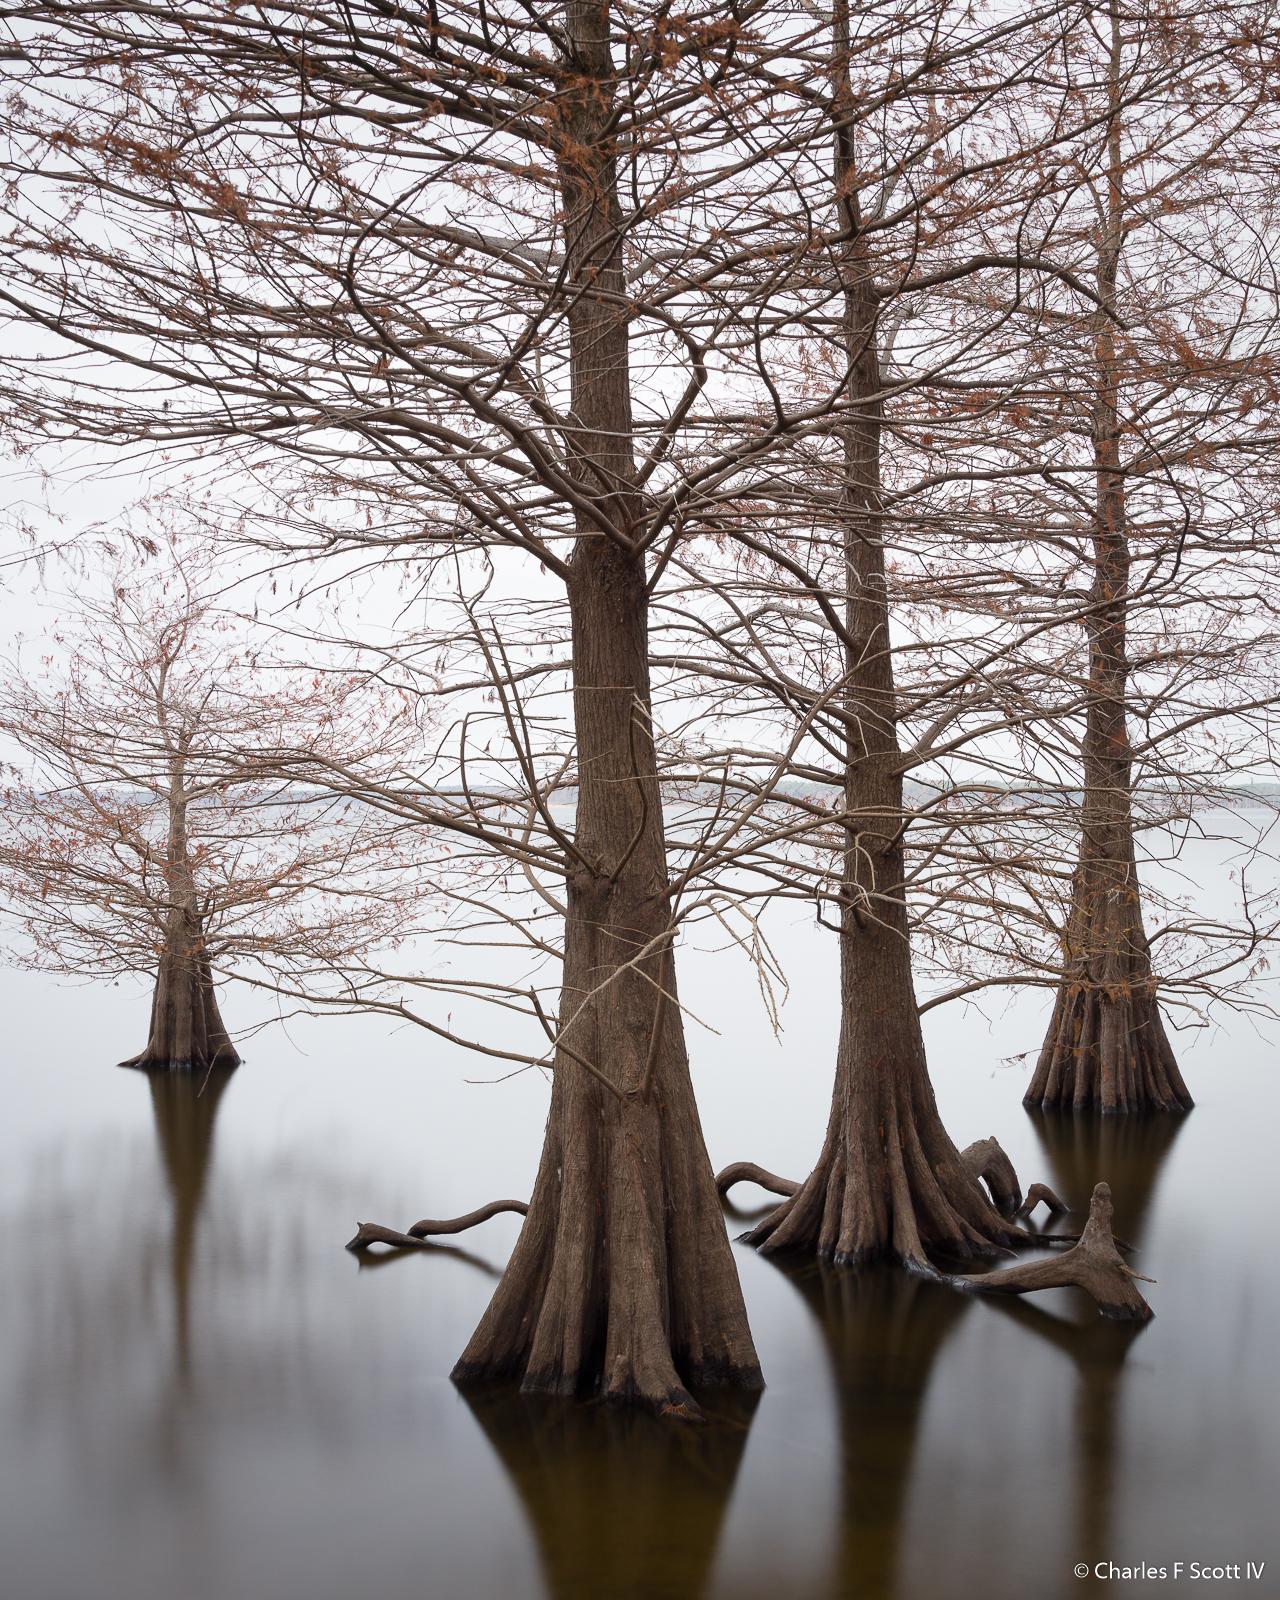 IMAGE: https://photos.smugmug.com/photos/i-78V7jZm/0/eb5e3980/O/i-78V7jZm.jpg